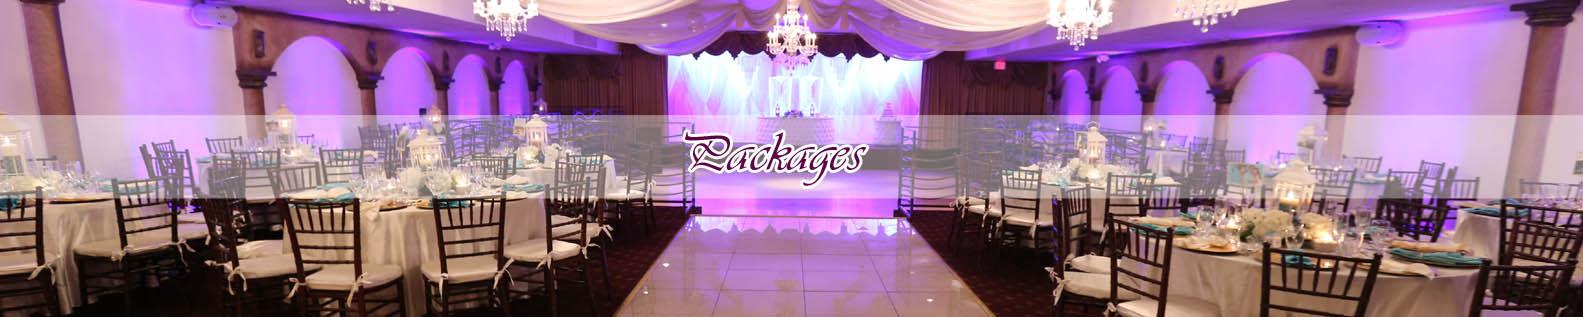 Olga S Banquet Halls Banquet Halls Miami